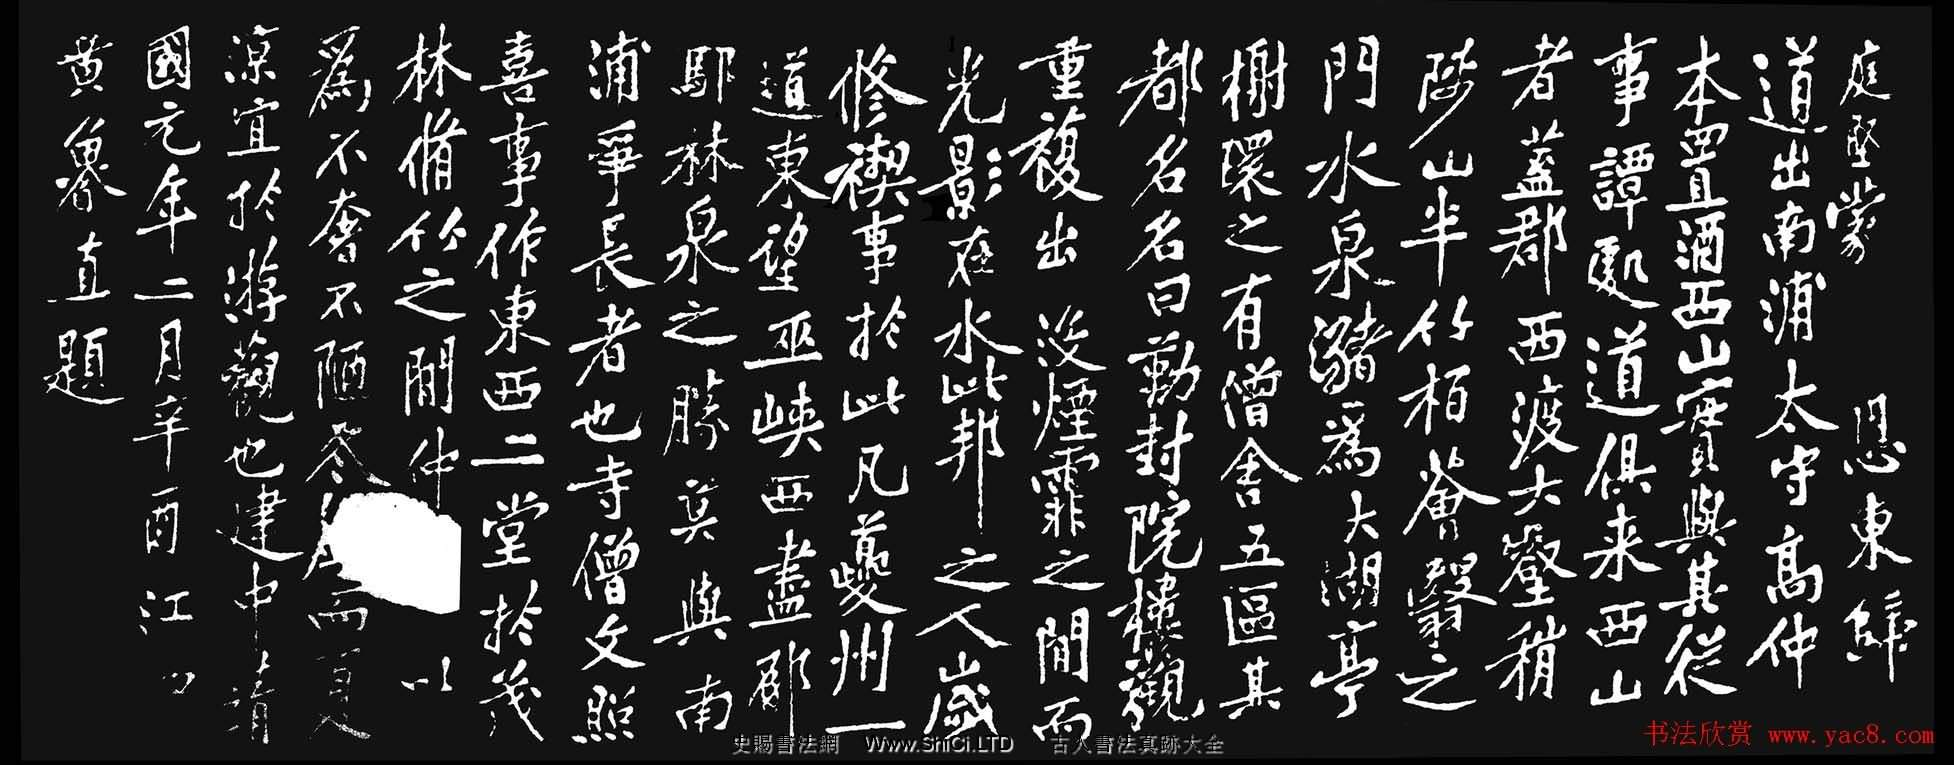 黃庭堅行楷書法字帖《西山記》題刻(共10張圖片)